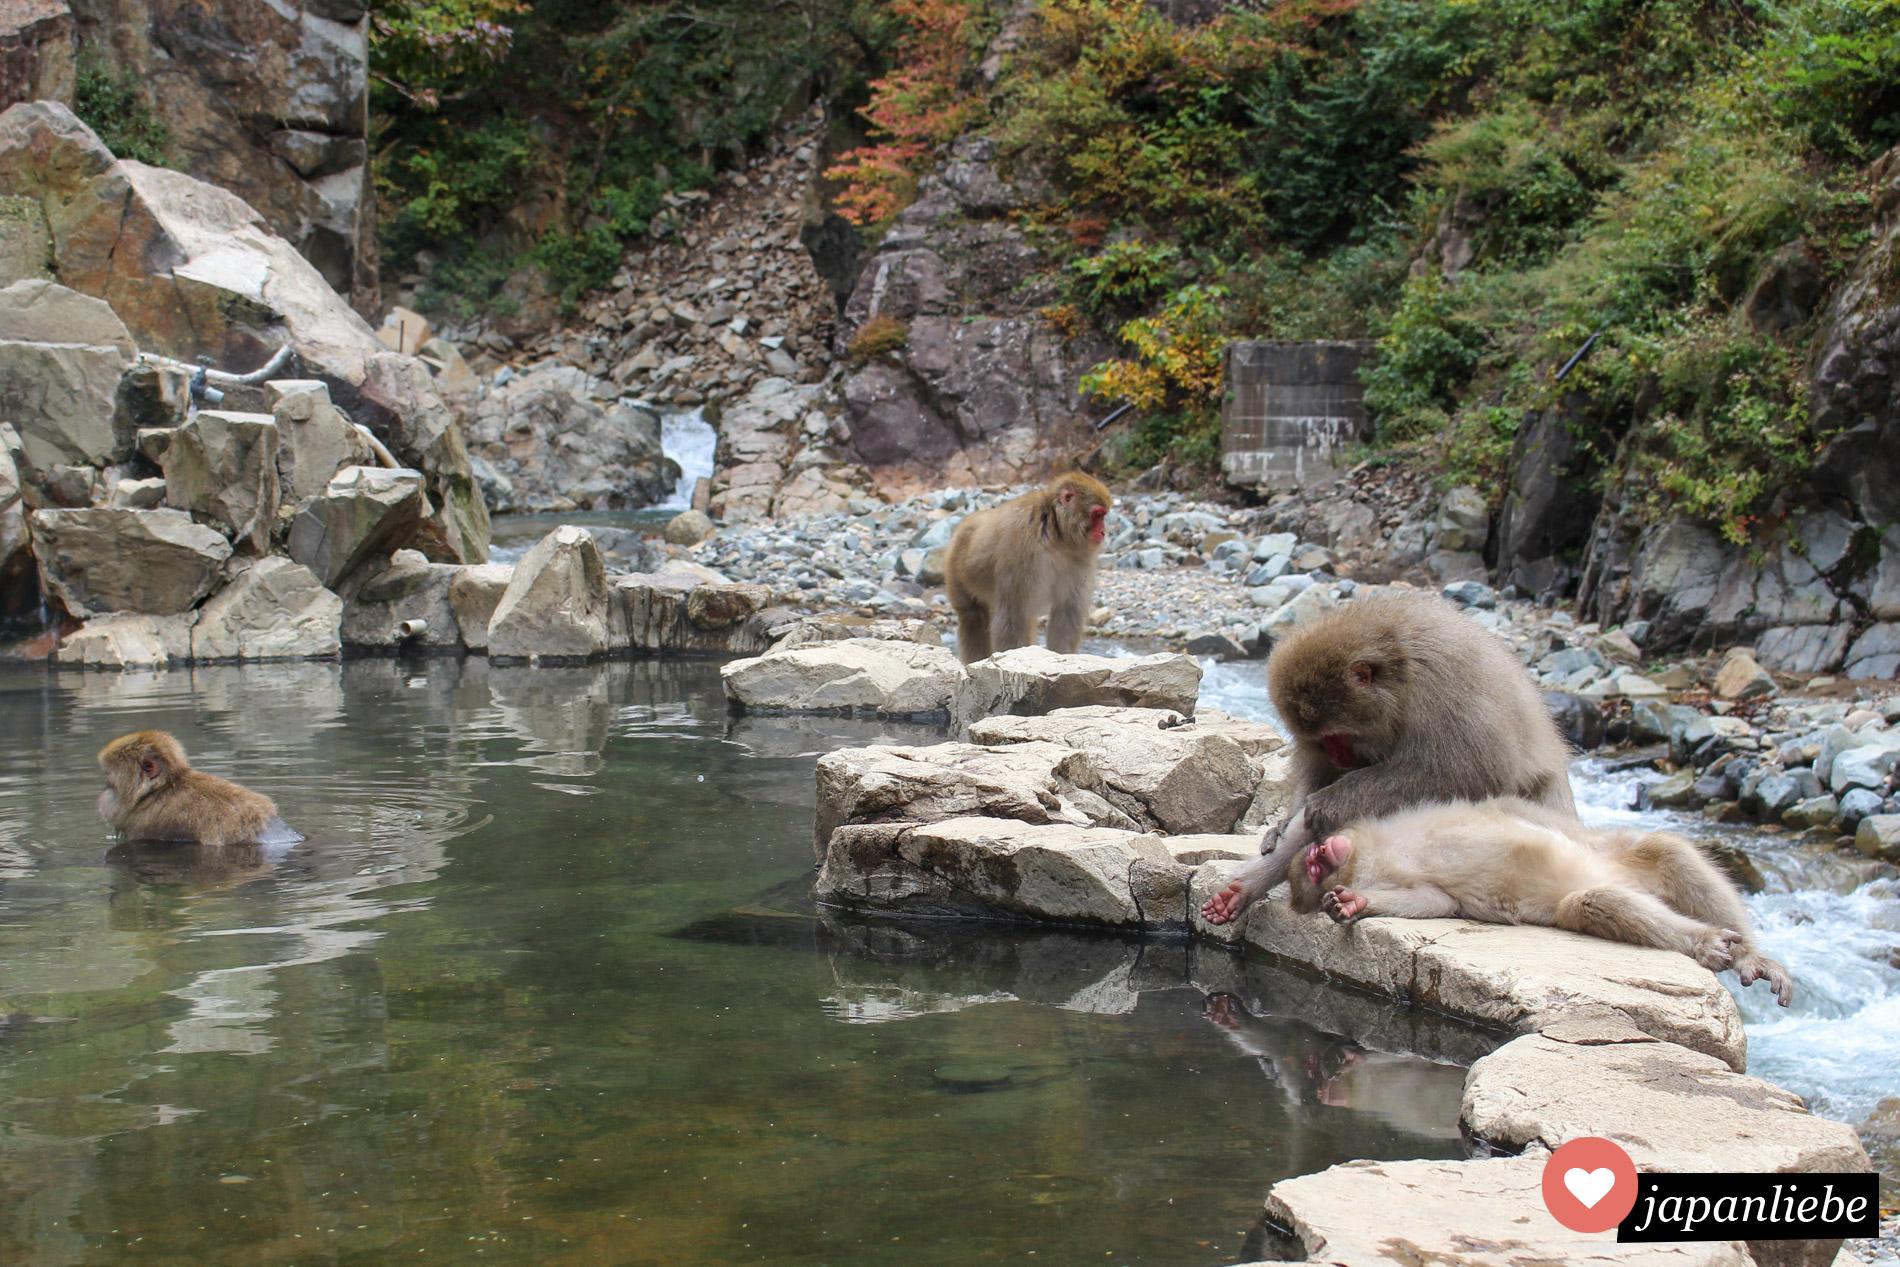 Nagano ist ein guter Ausgangspunkt für einen Ausflug in den Jigokudani Monkey Park.